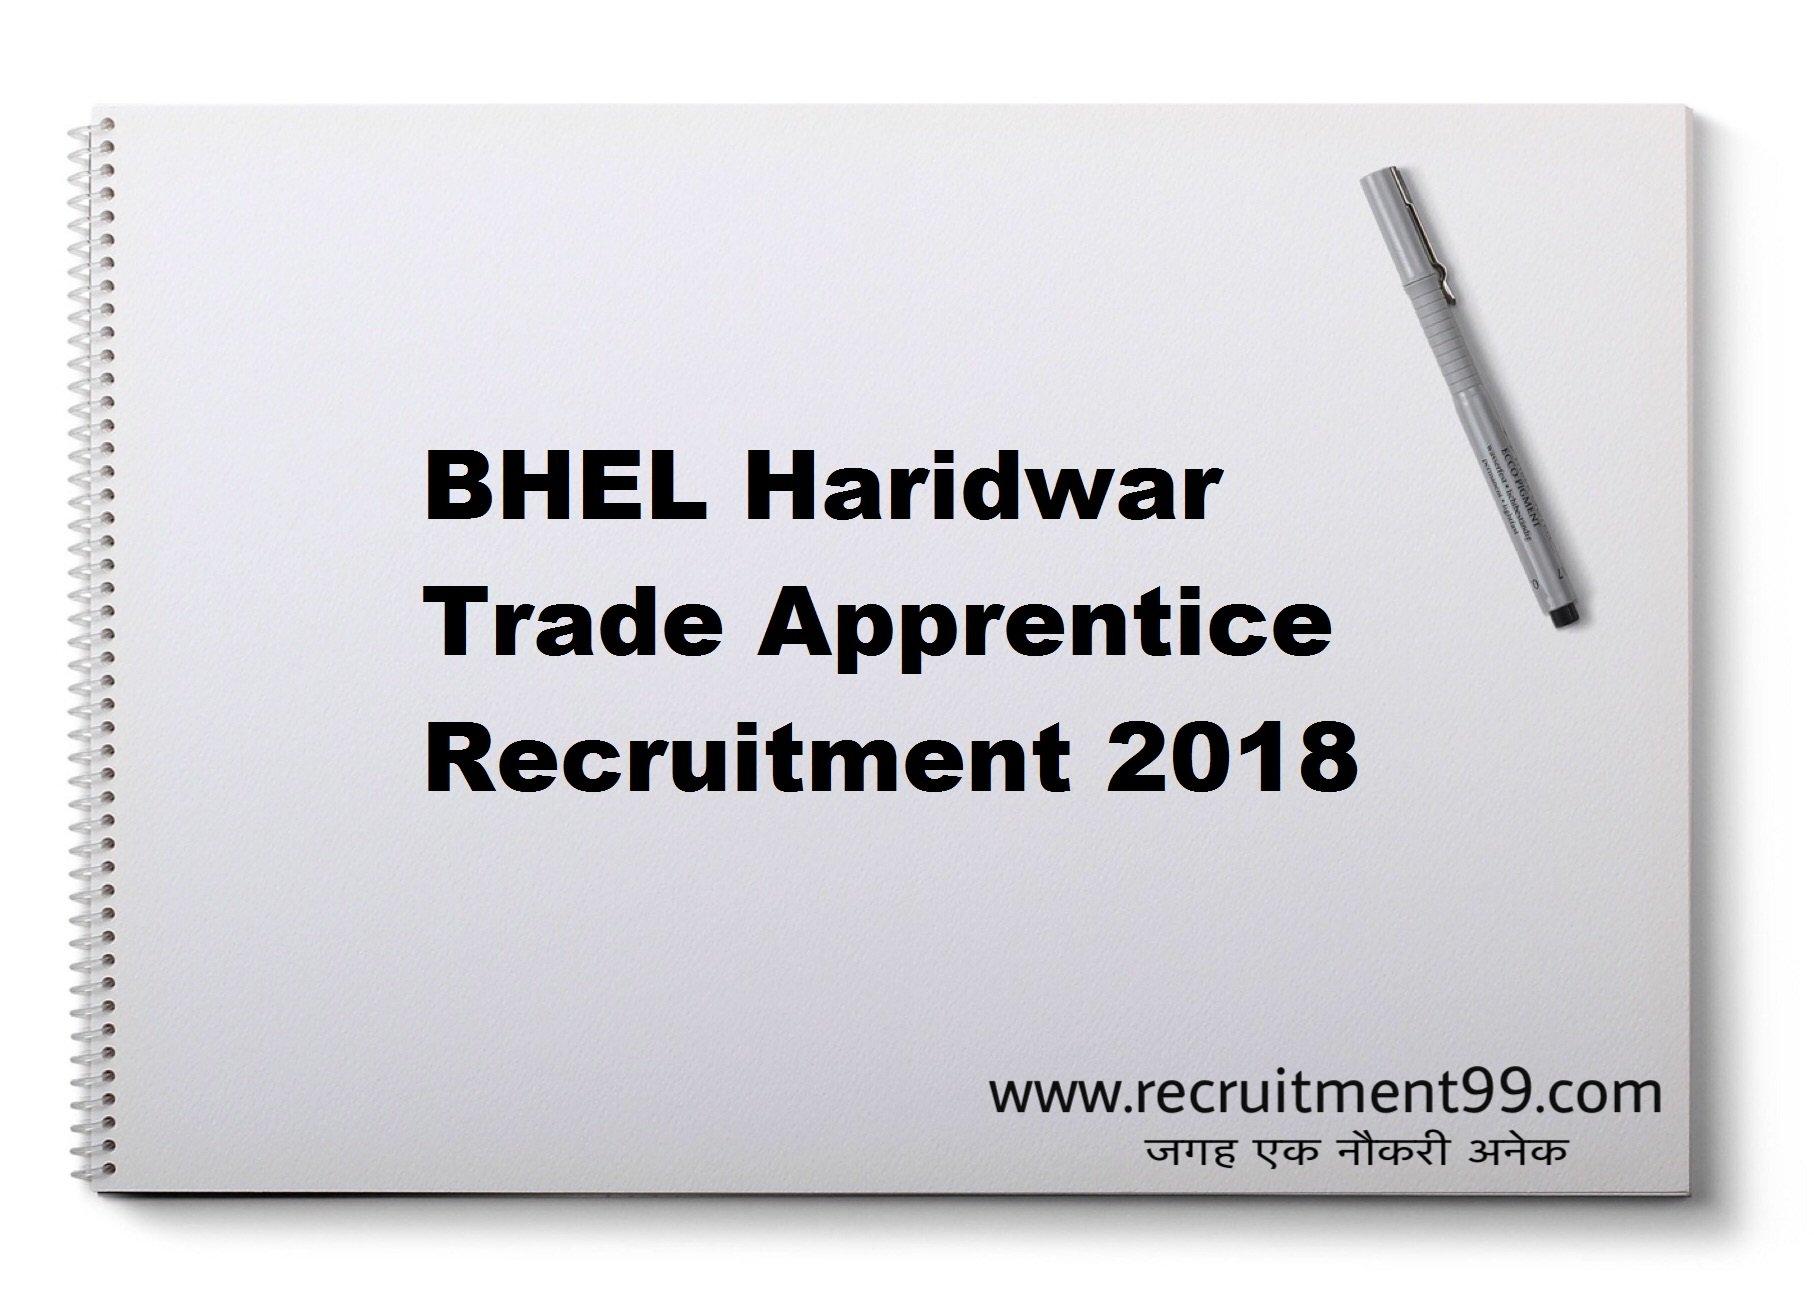 BHEL Haridwar Trade Apprentice Recruitment Hall Ticket Result 2018